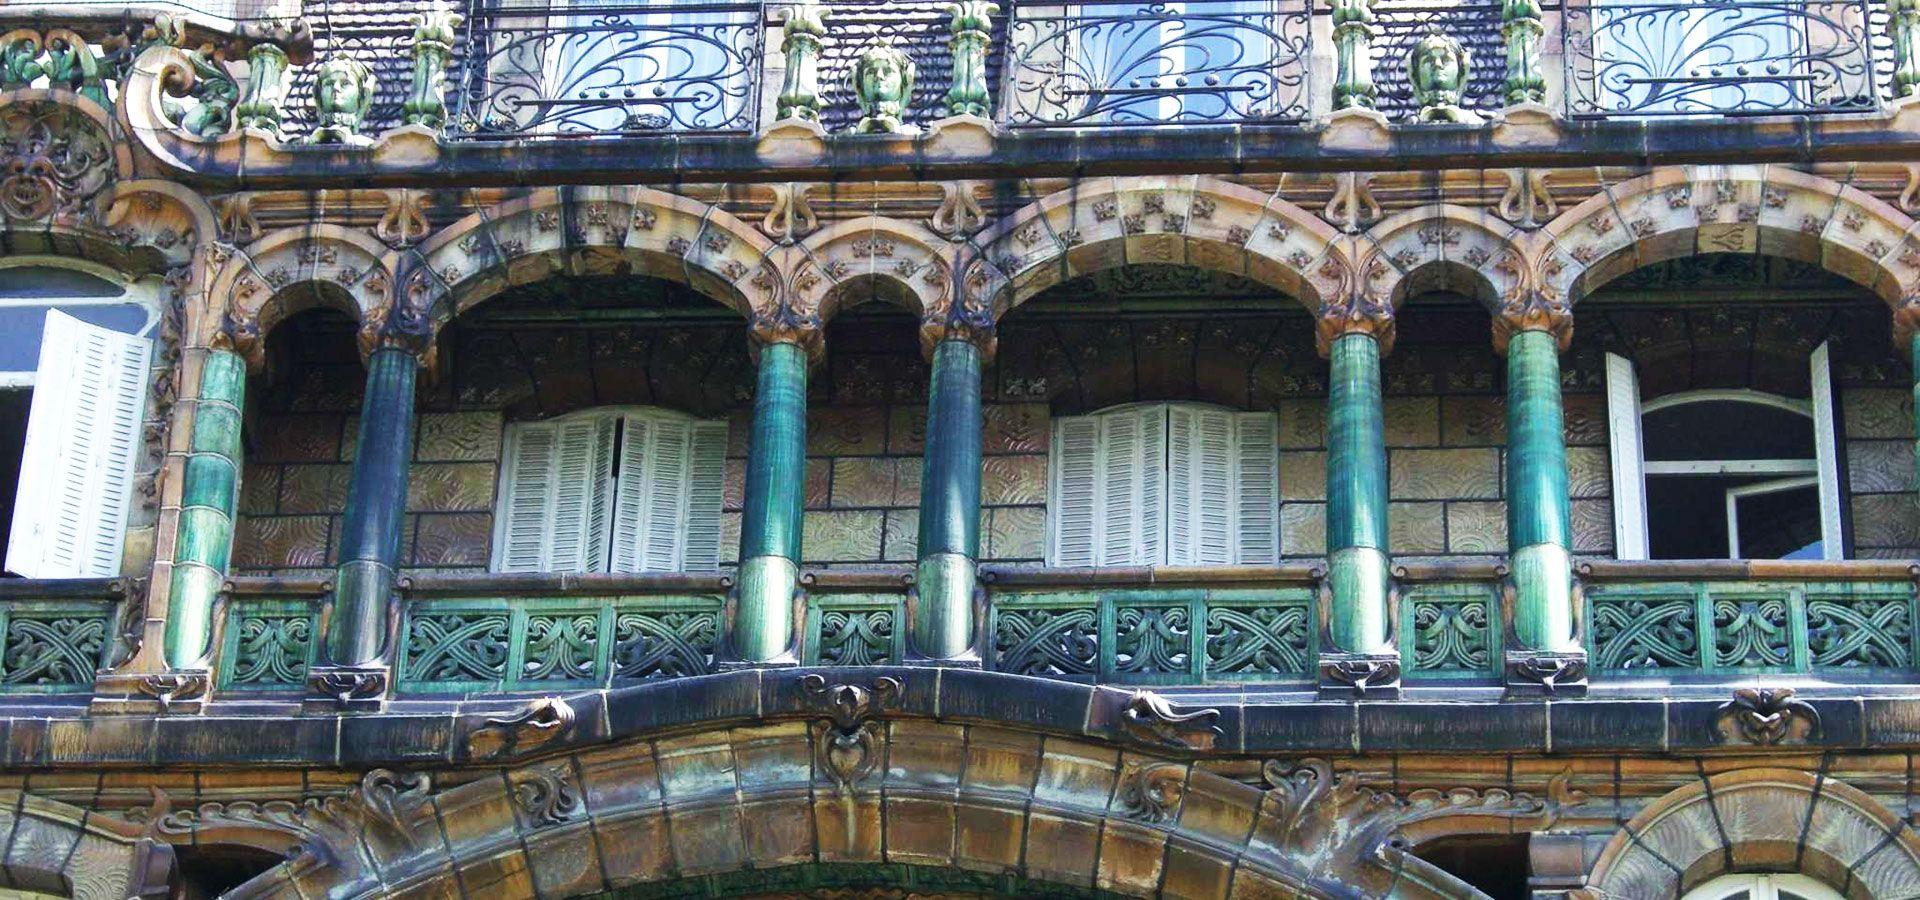 Paris va relancer le concours des fa ades batinfo for Architecture concours